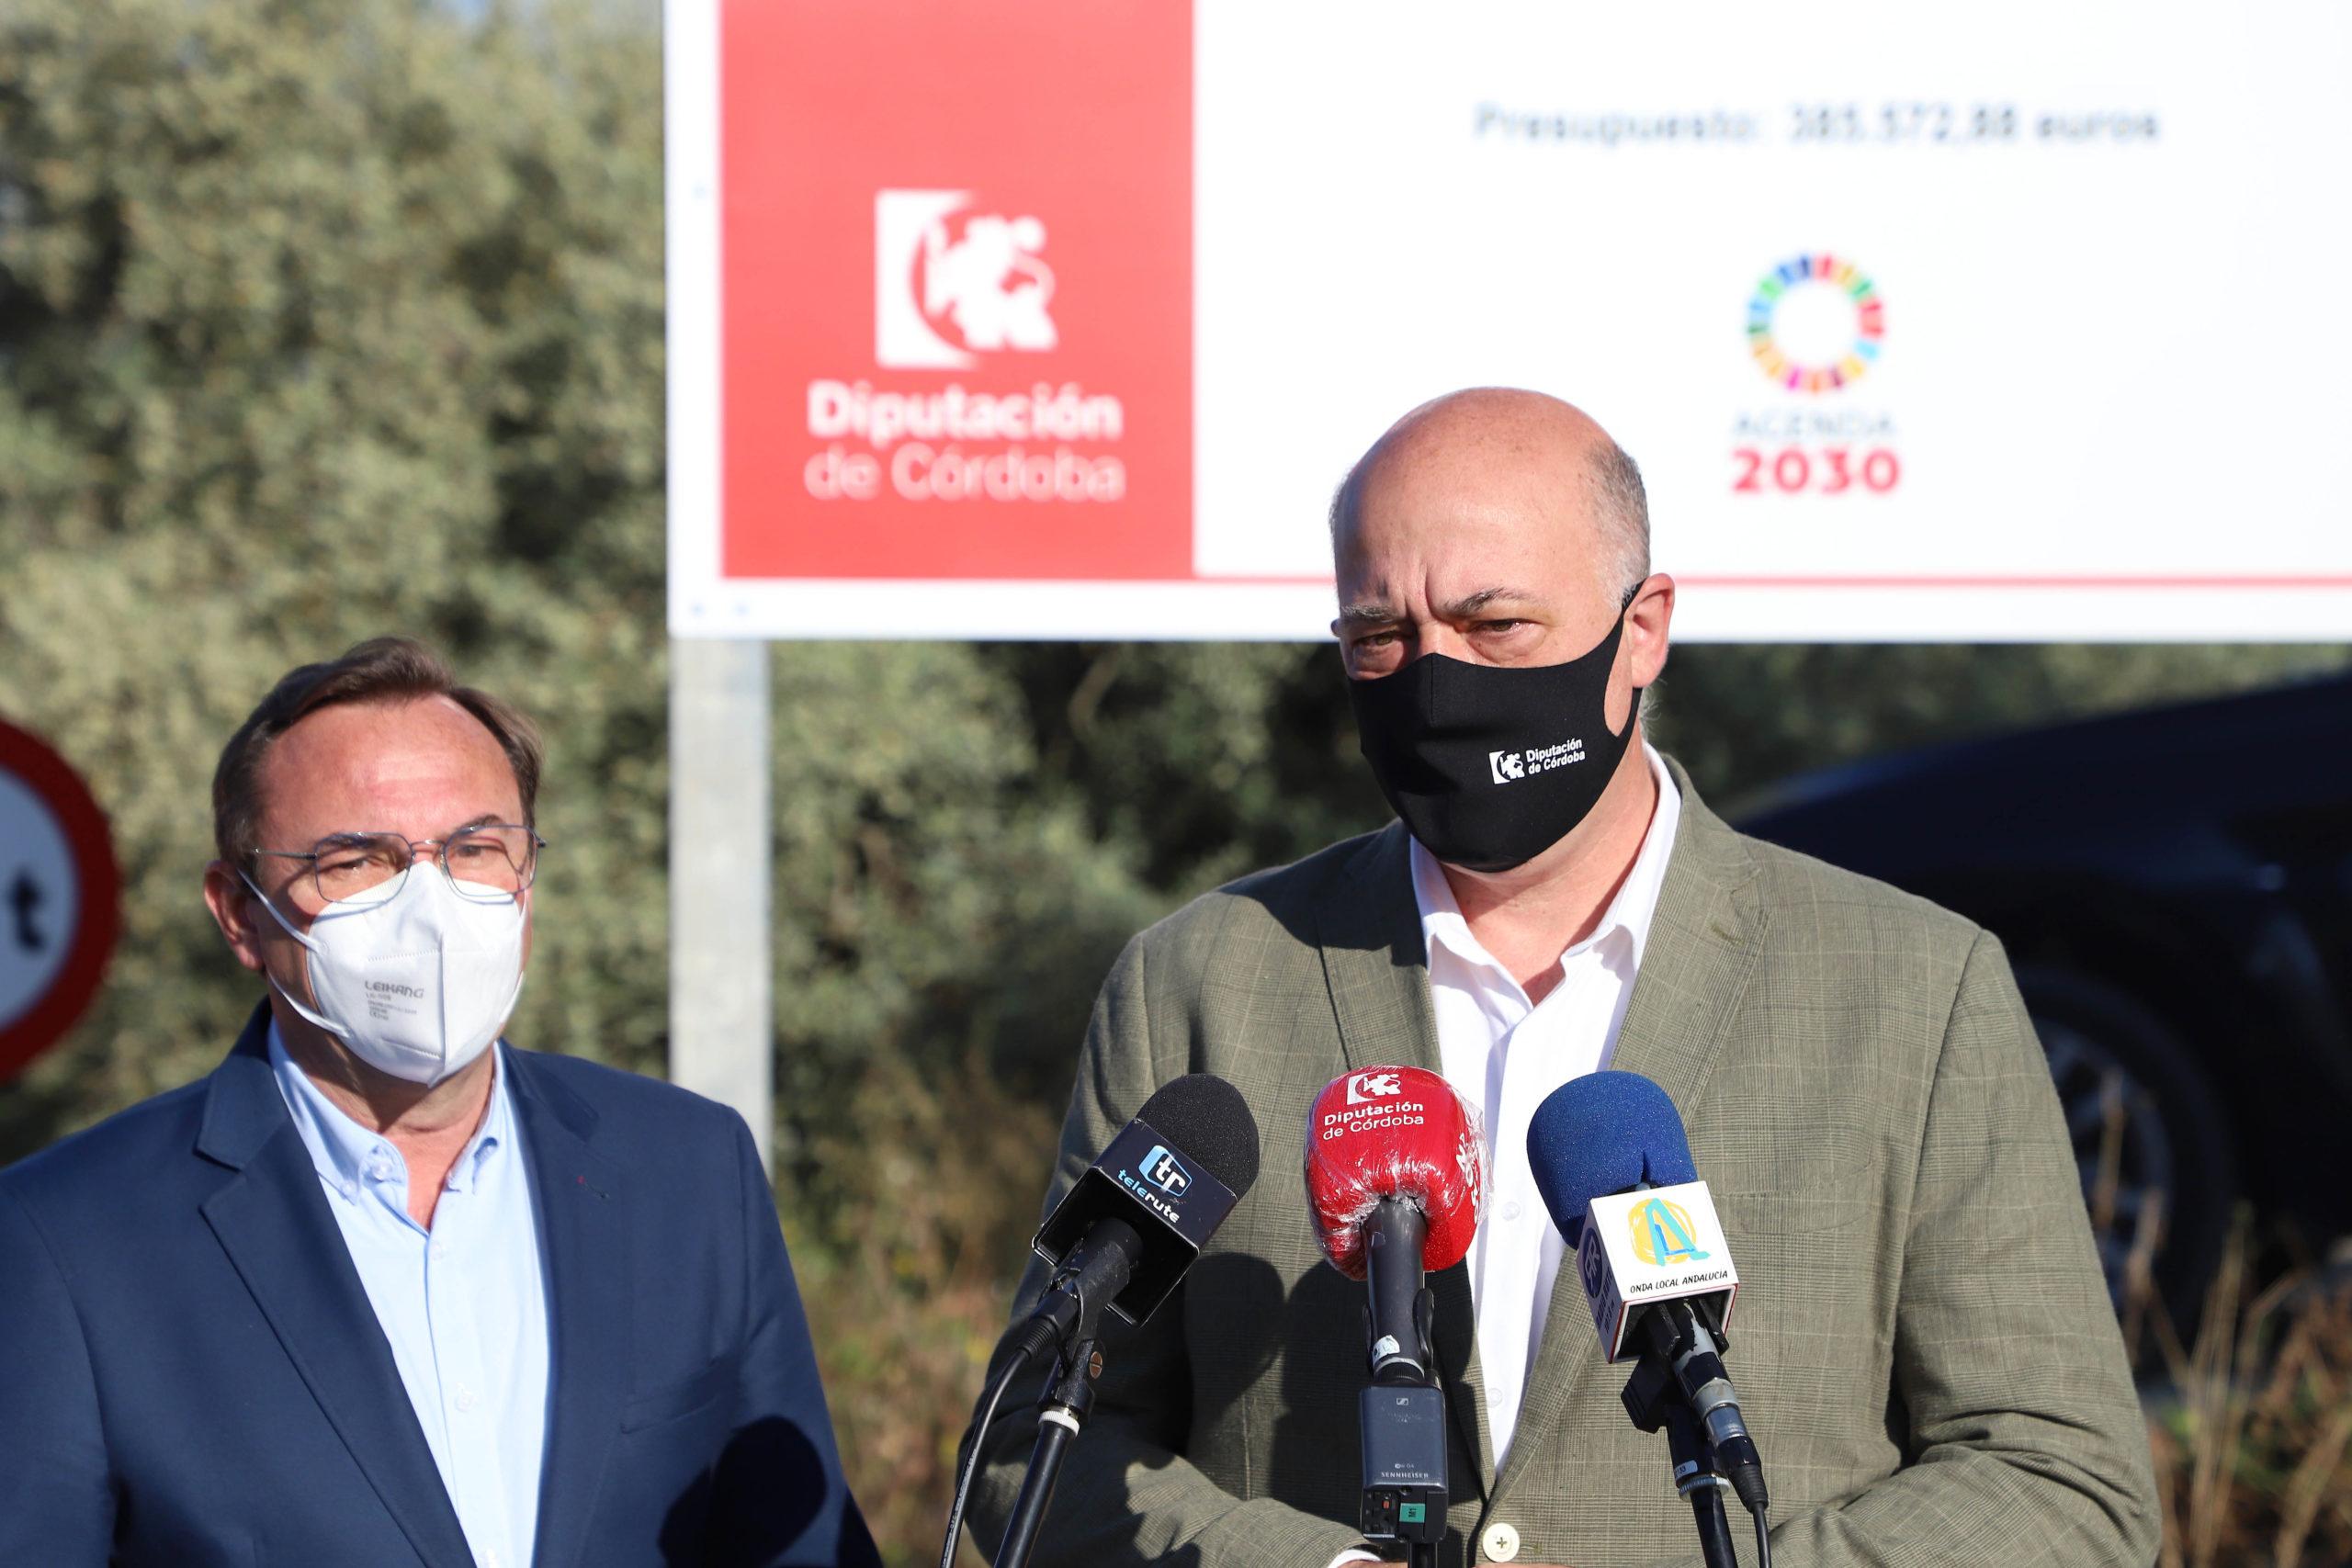 La Diputación de Córdoba culmina su actuación en las vías de comunicación de Rute con el arreglo de la carretera de Las Salinas